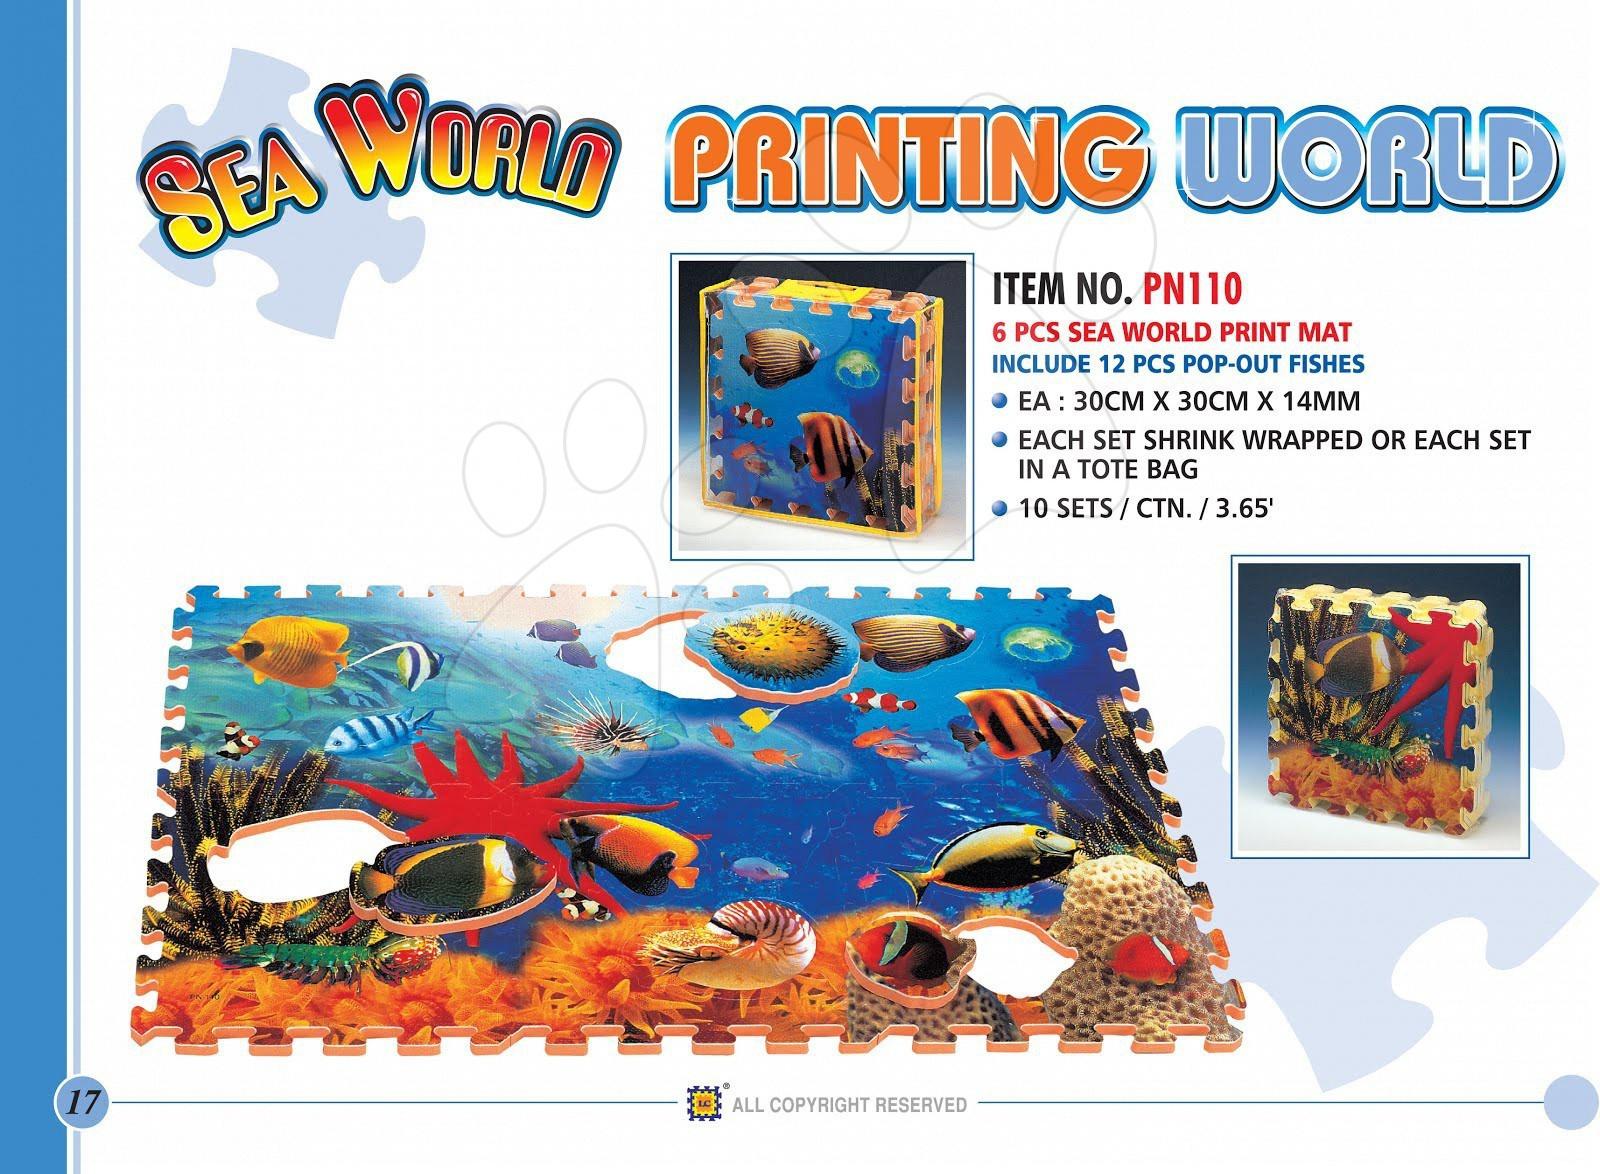 Pěnové puzzle Rybičky Pop Out Fish Lee Chyun 6 dílů